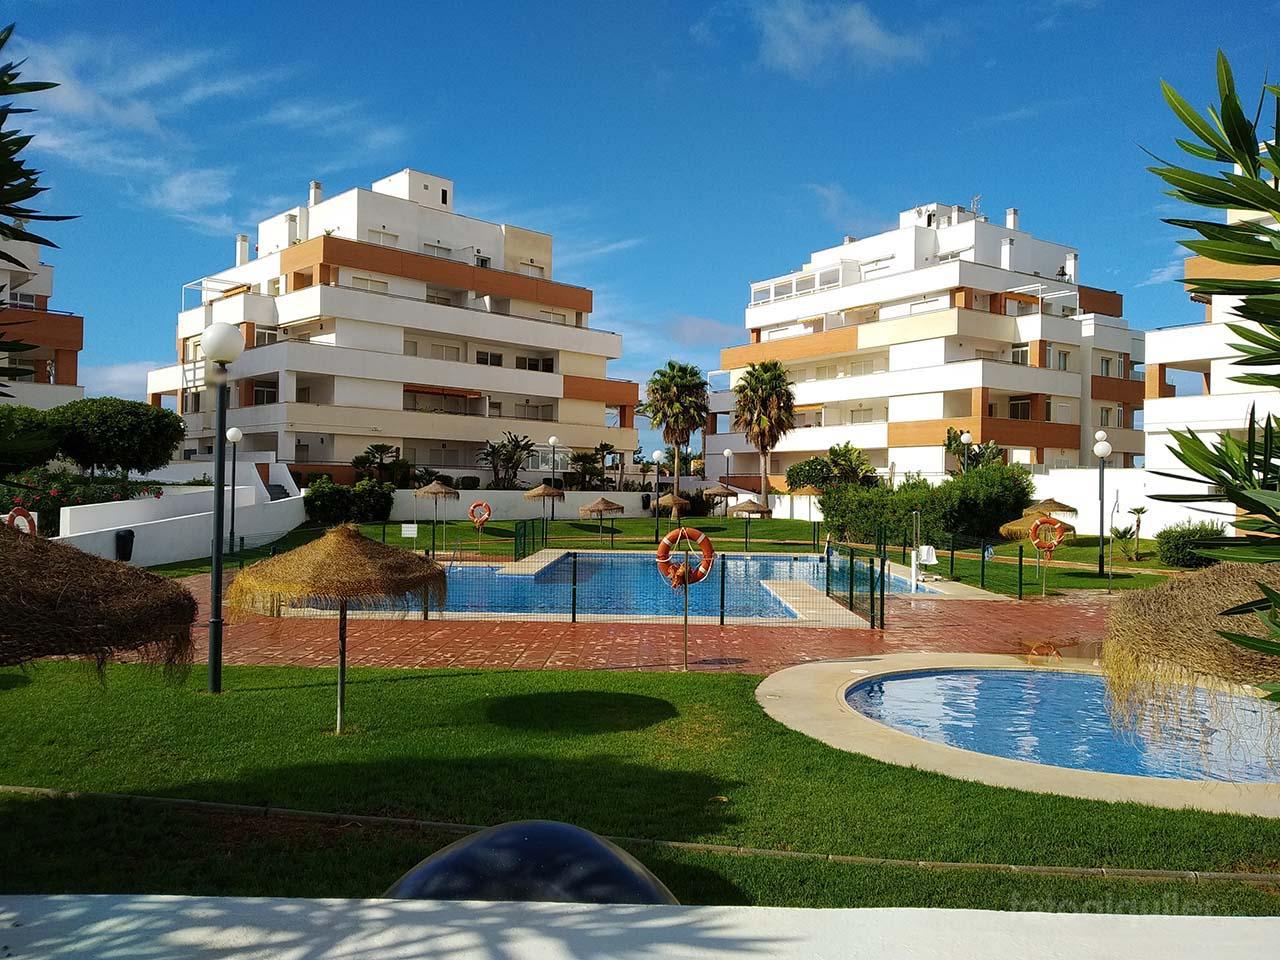 Apartamento dos dormitorios en Playa Serena, Roquetas de Mar, Almería